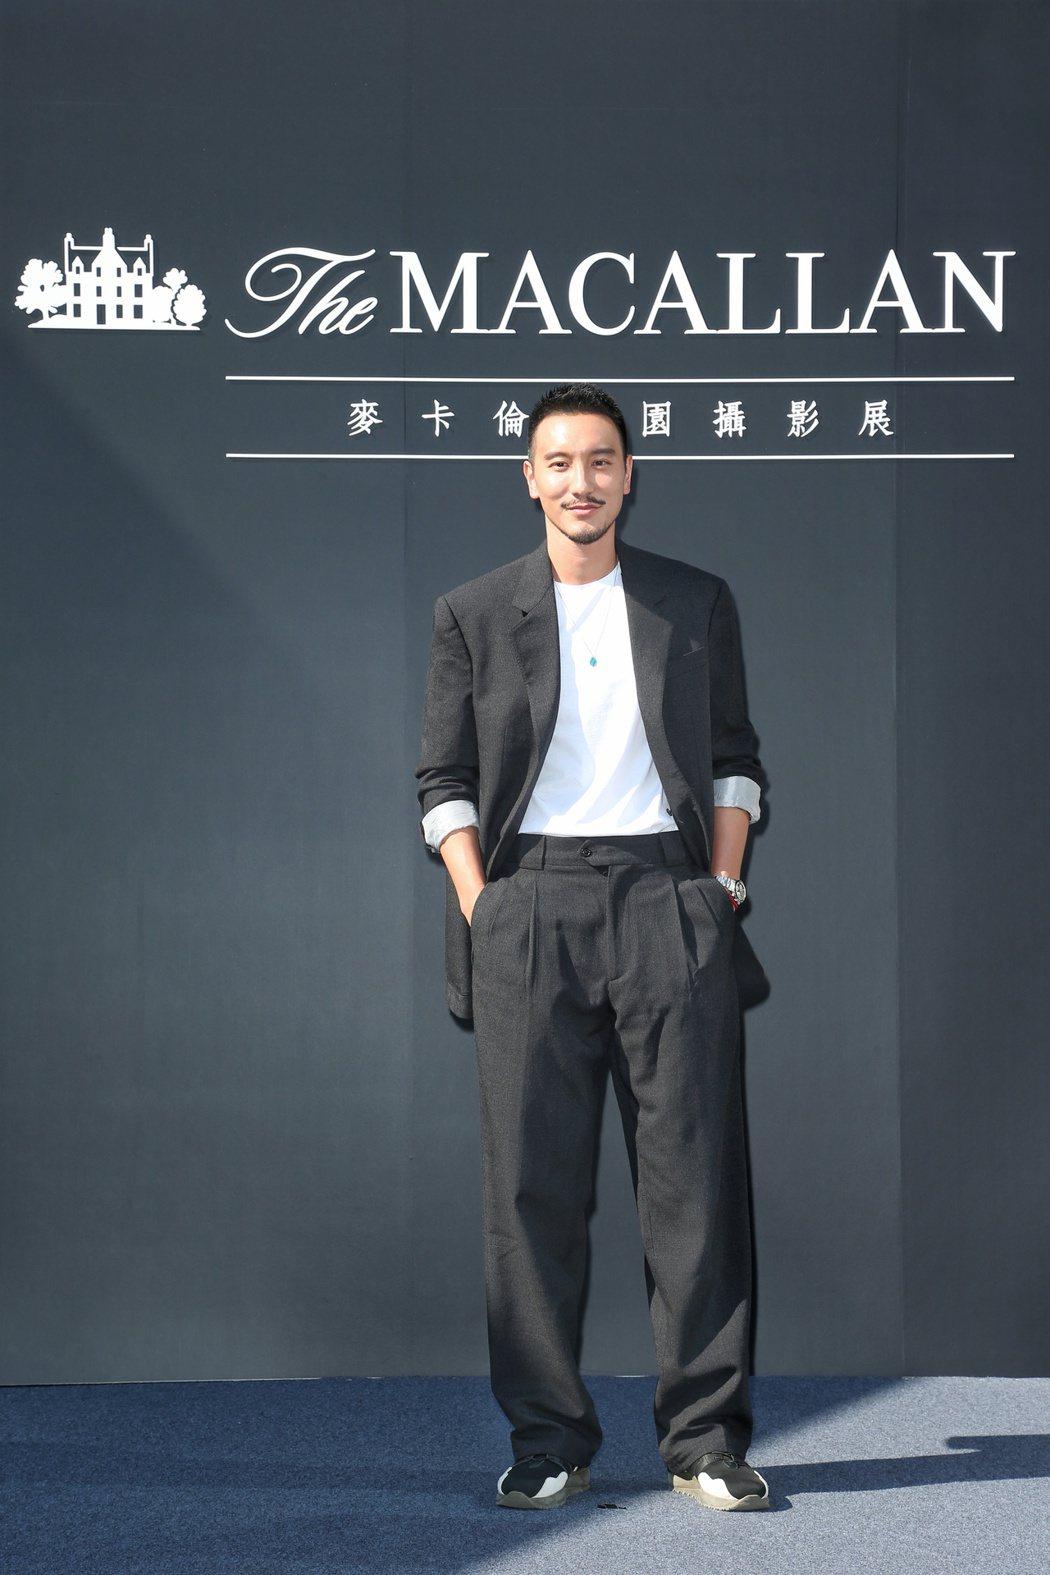 王陽明出席麥卡倫莊園攝影展。記者陳立凱/攝影